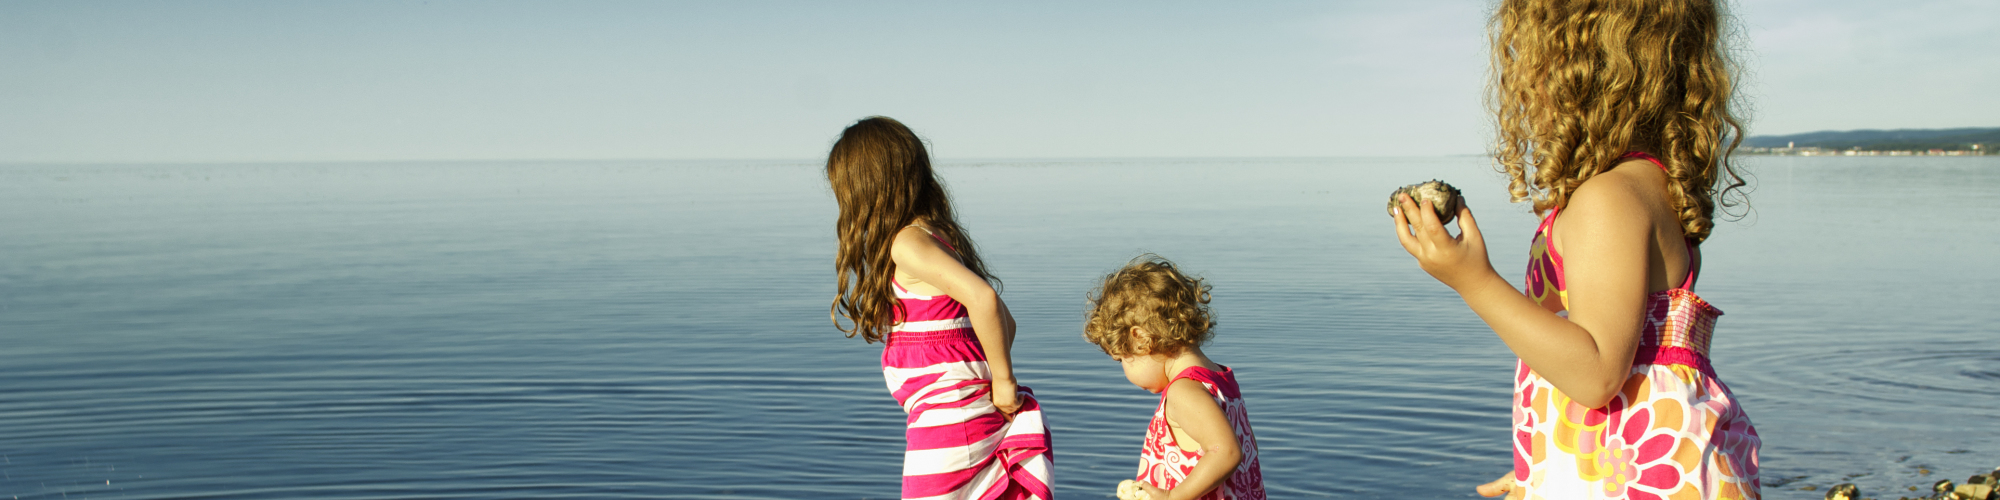 Enfants jouant dans l'eau, bord de mer